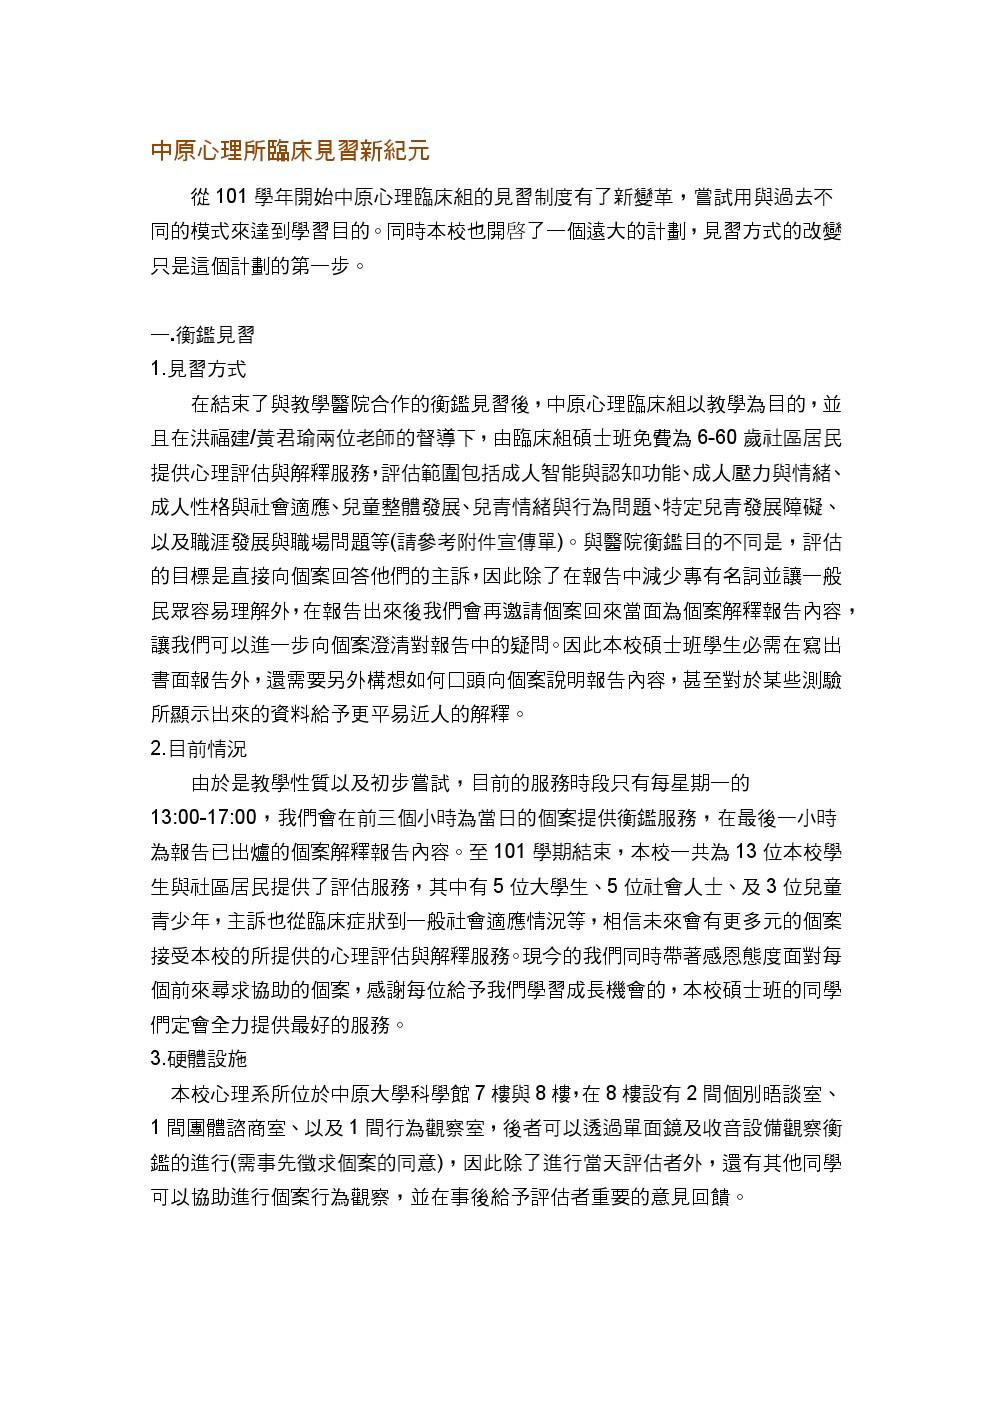 臺灣臨床心理學研究生聯誼會